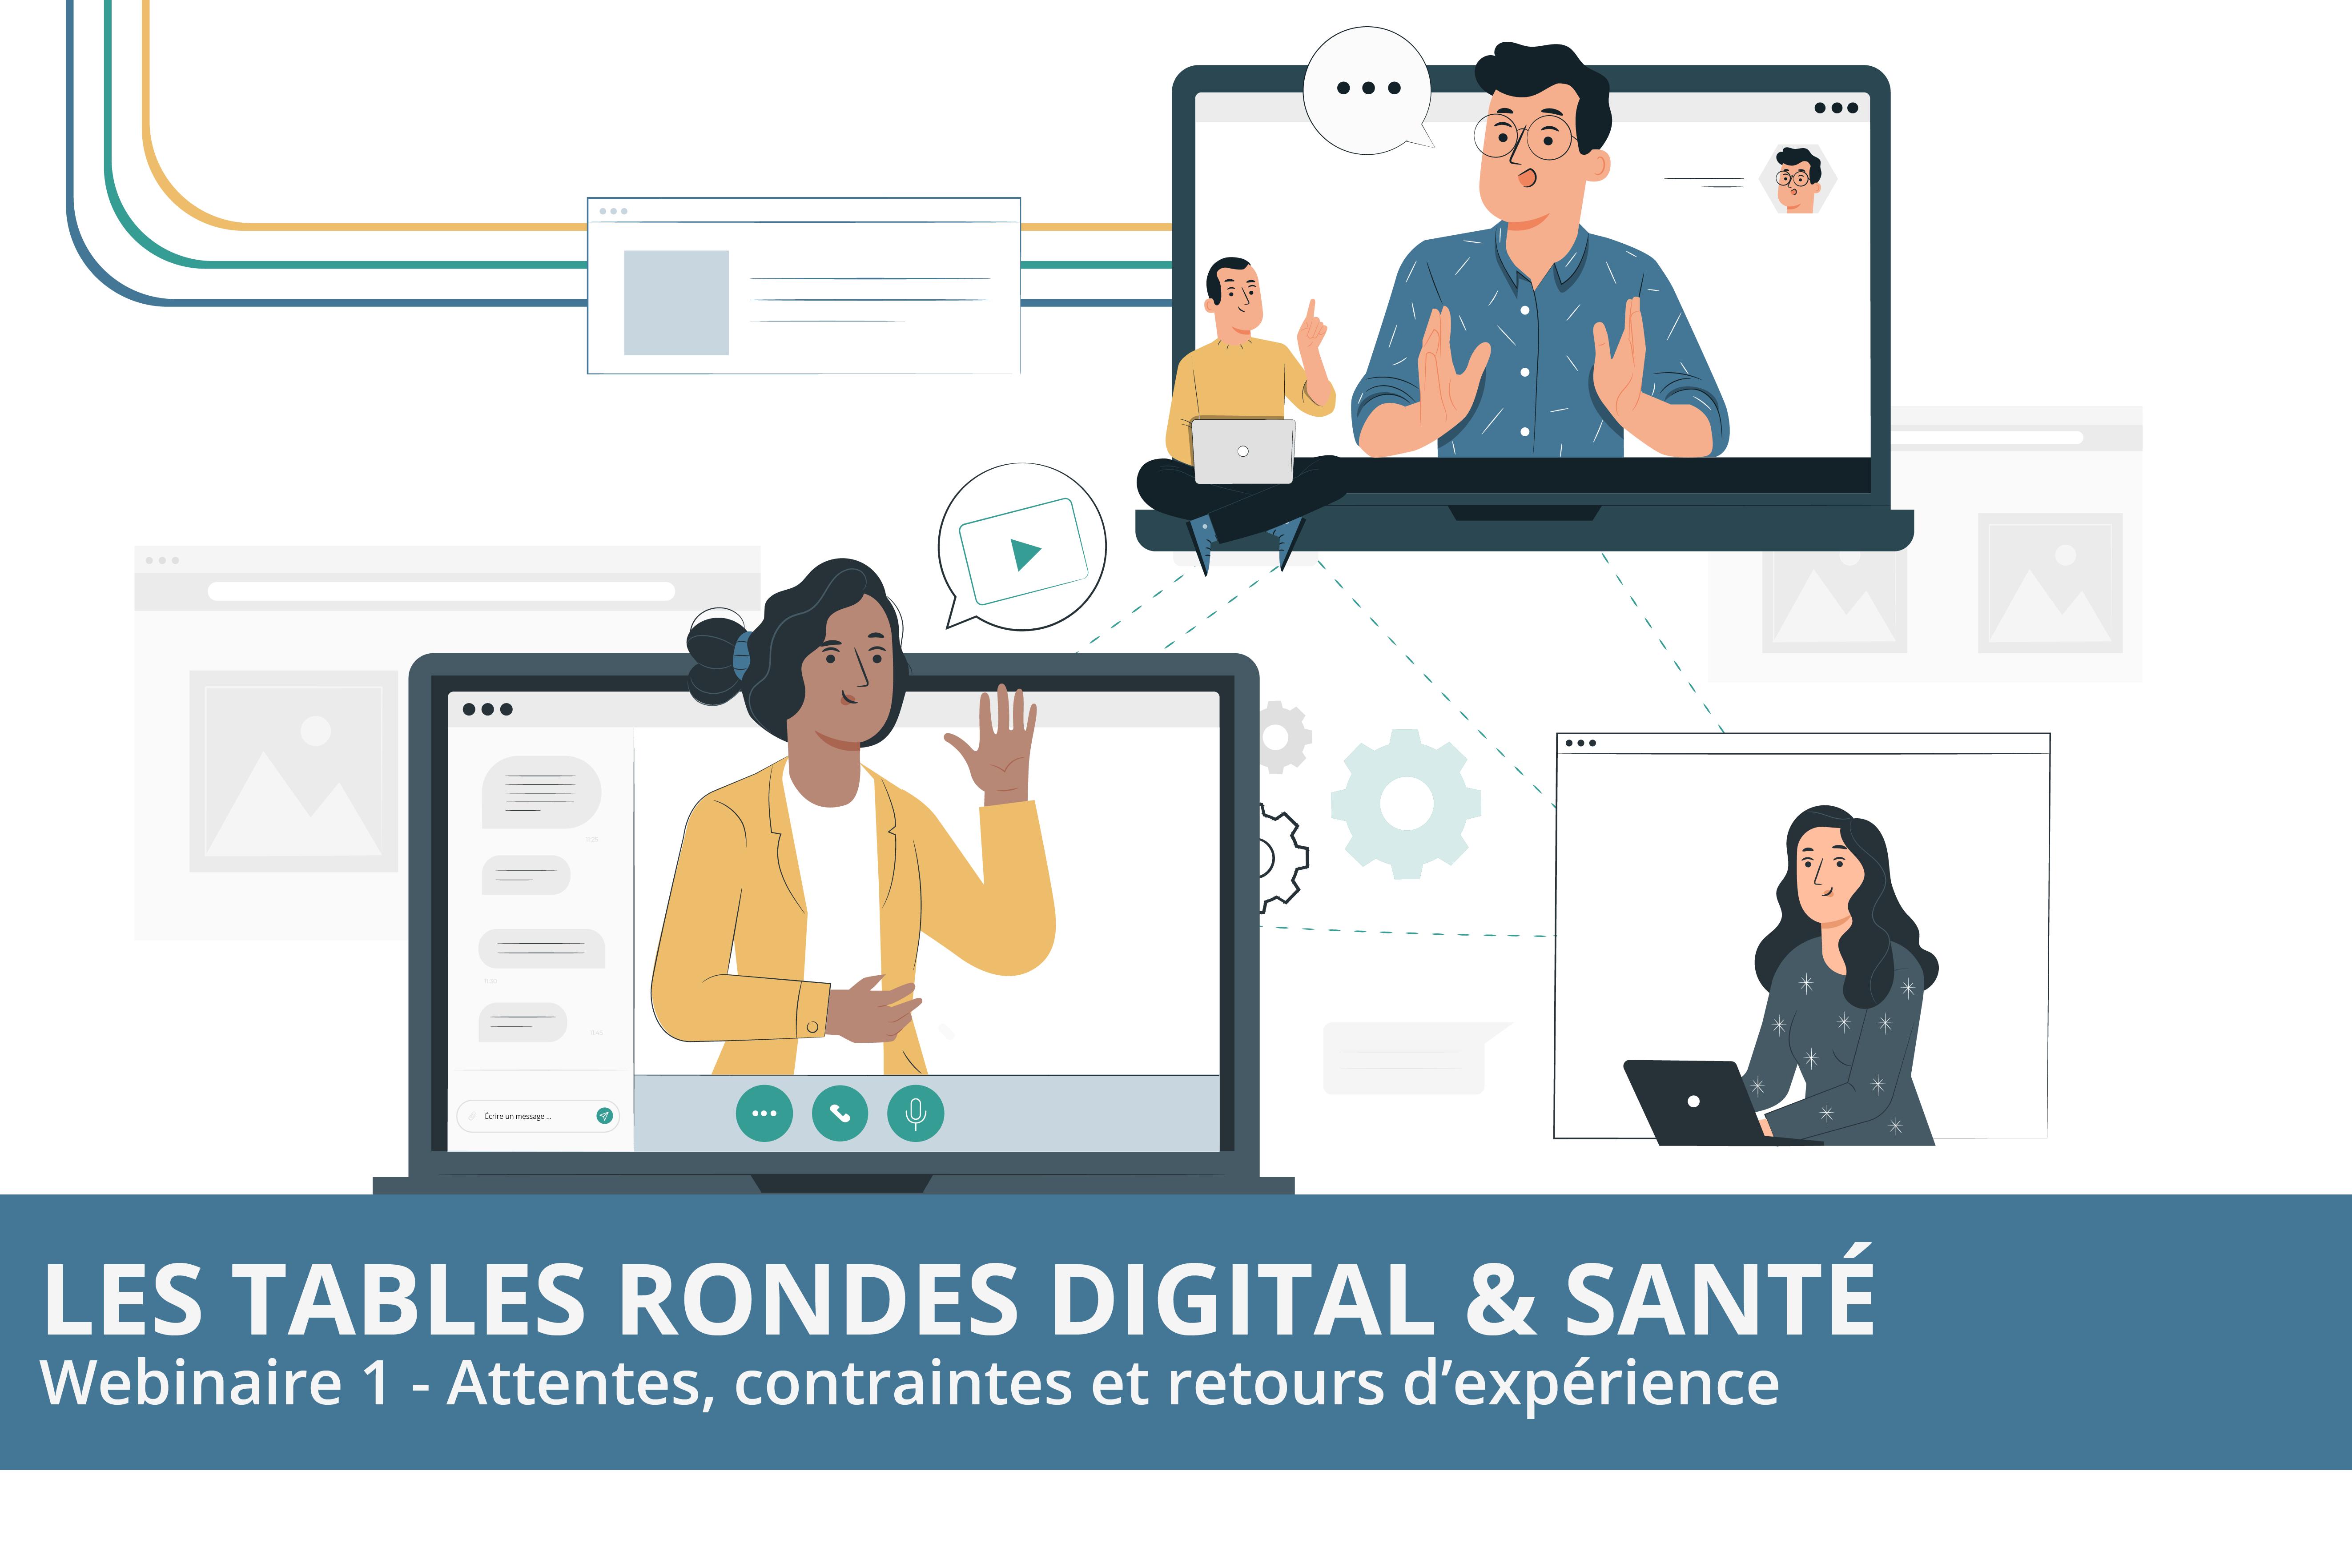 LES TABLES RONDES DIGITAL & SANTÉ : WEBINAIRE 1 – ATTENTES, CONTRAINTES ET RETOURS D'EXPÉRIENCE